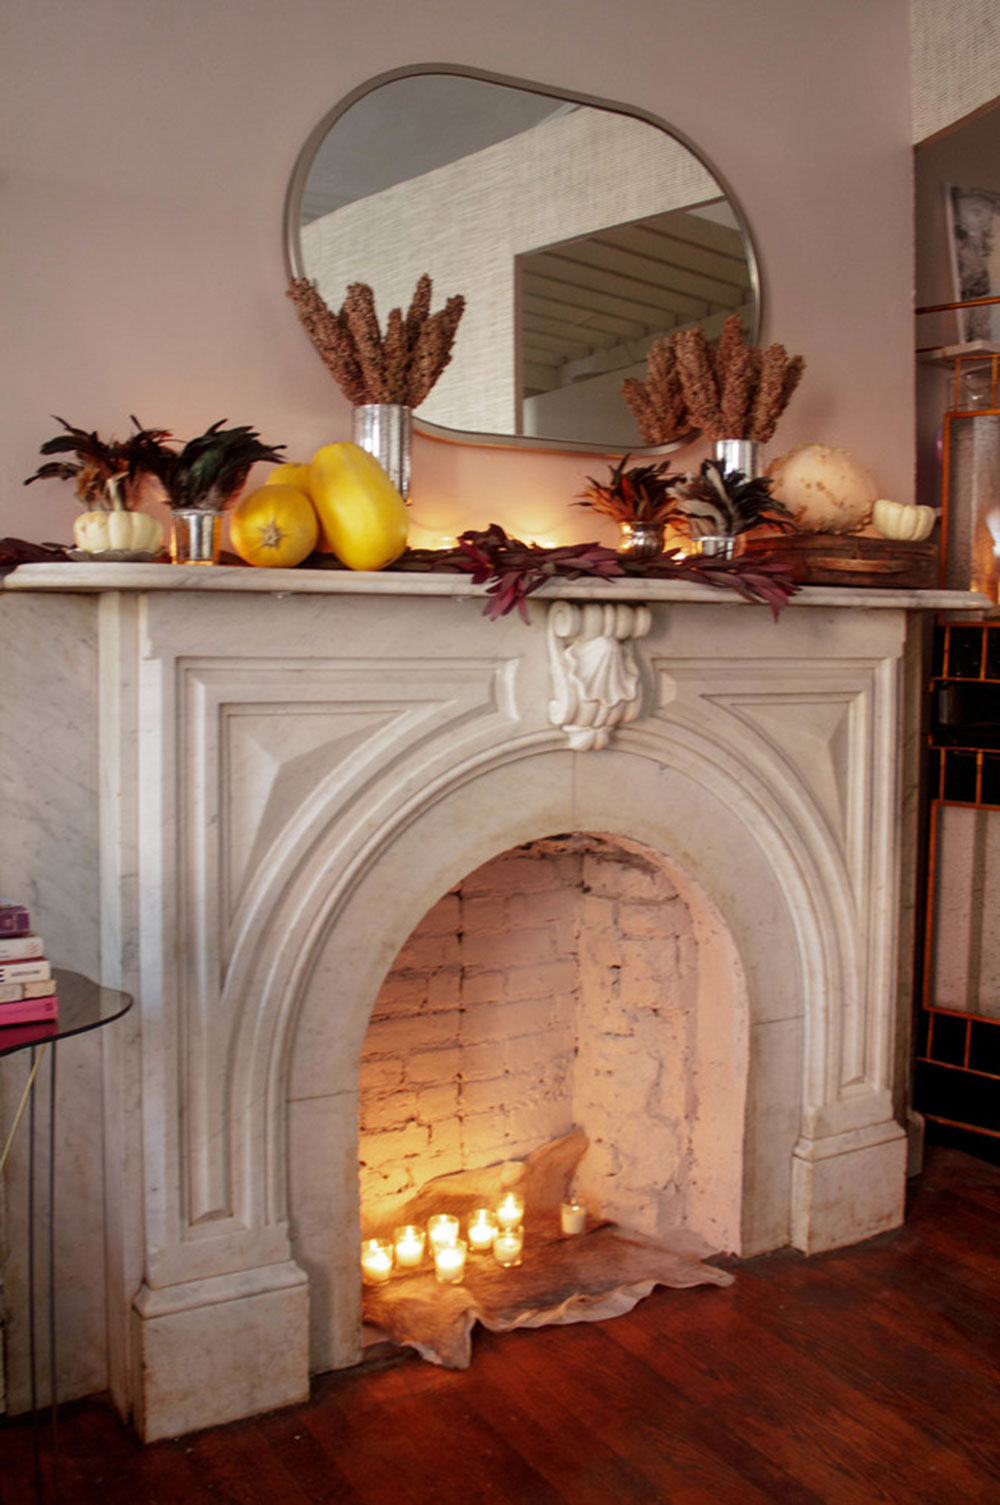 A-Brooklyn-Mantel-Celebrates-Harvest-for-Thanksgiving-by-Sarah-Seung-McFarland Comment décorer un manteau de cheminée (Idées de décoration soignées)